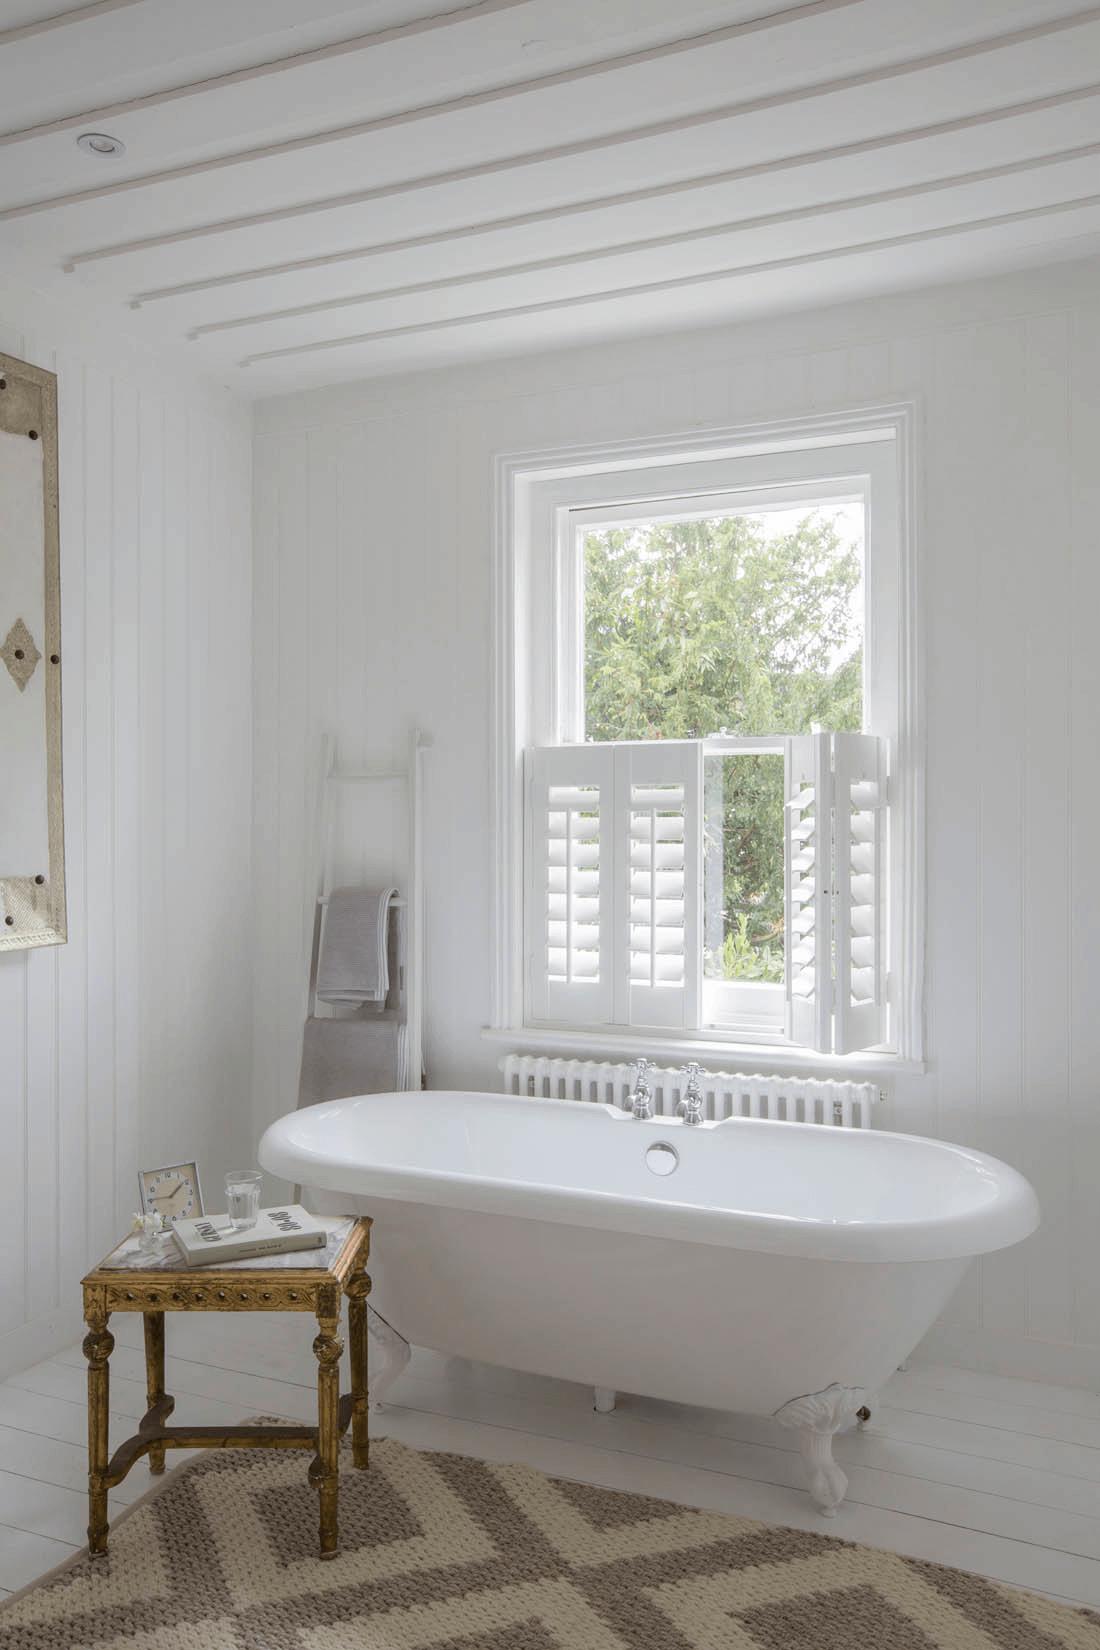 Half window indoor shutters for bathroom